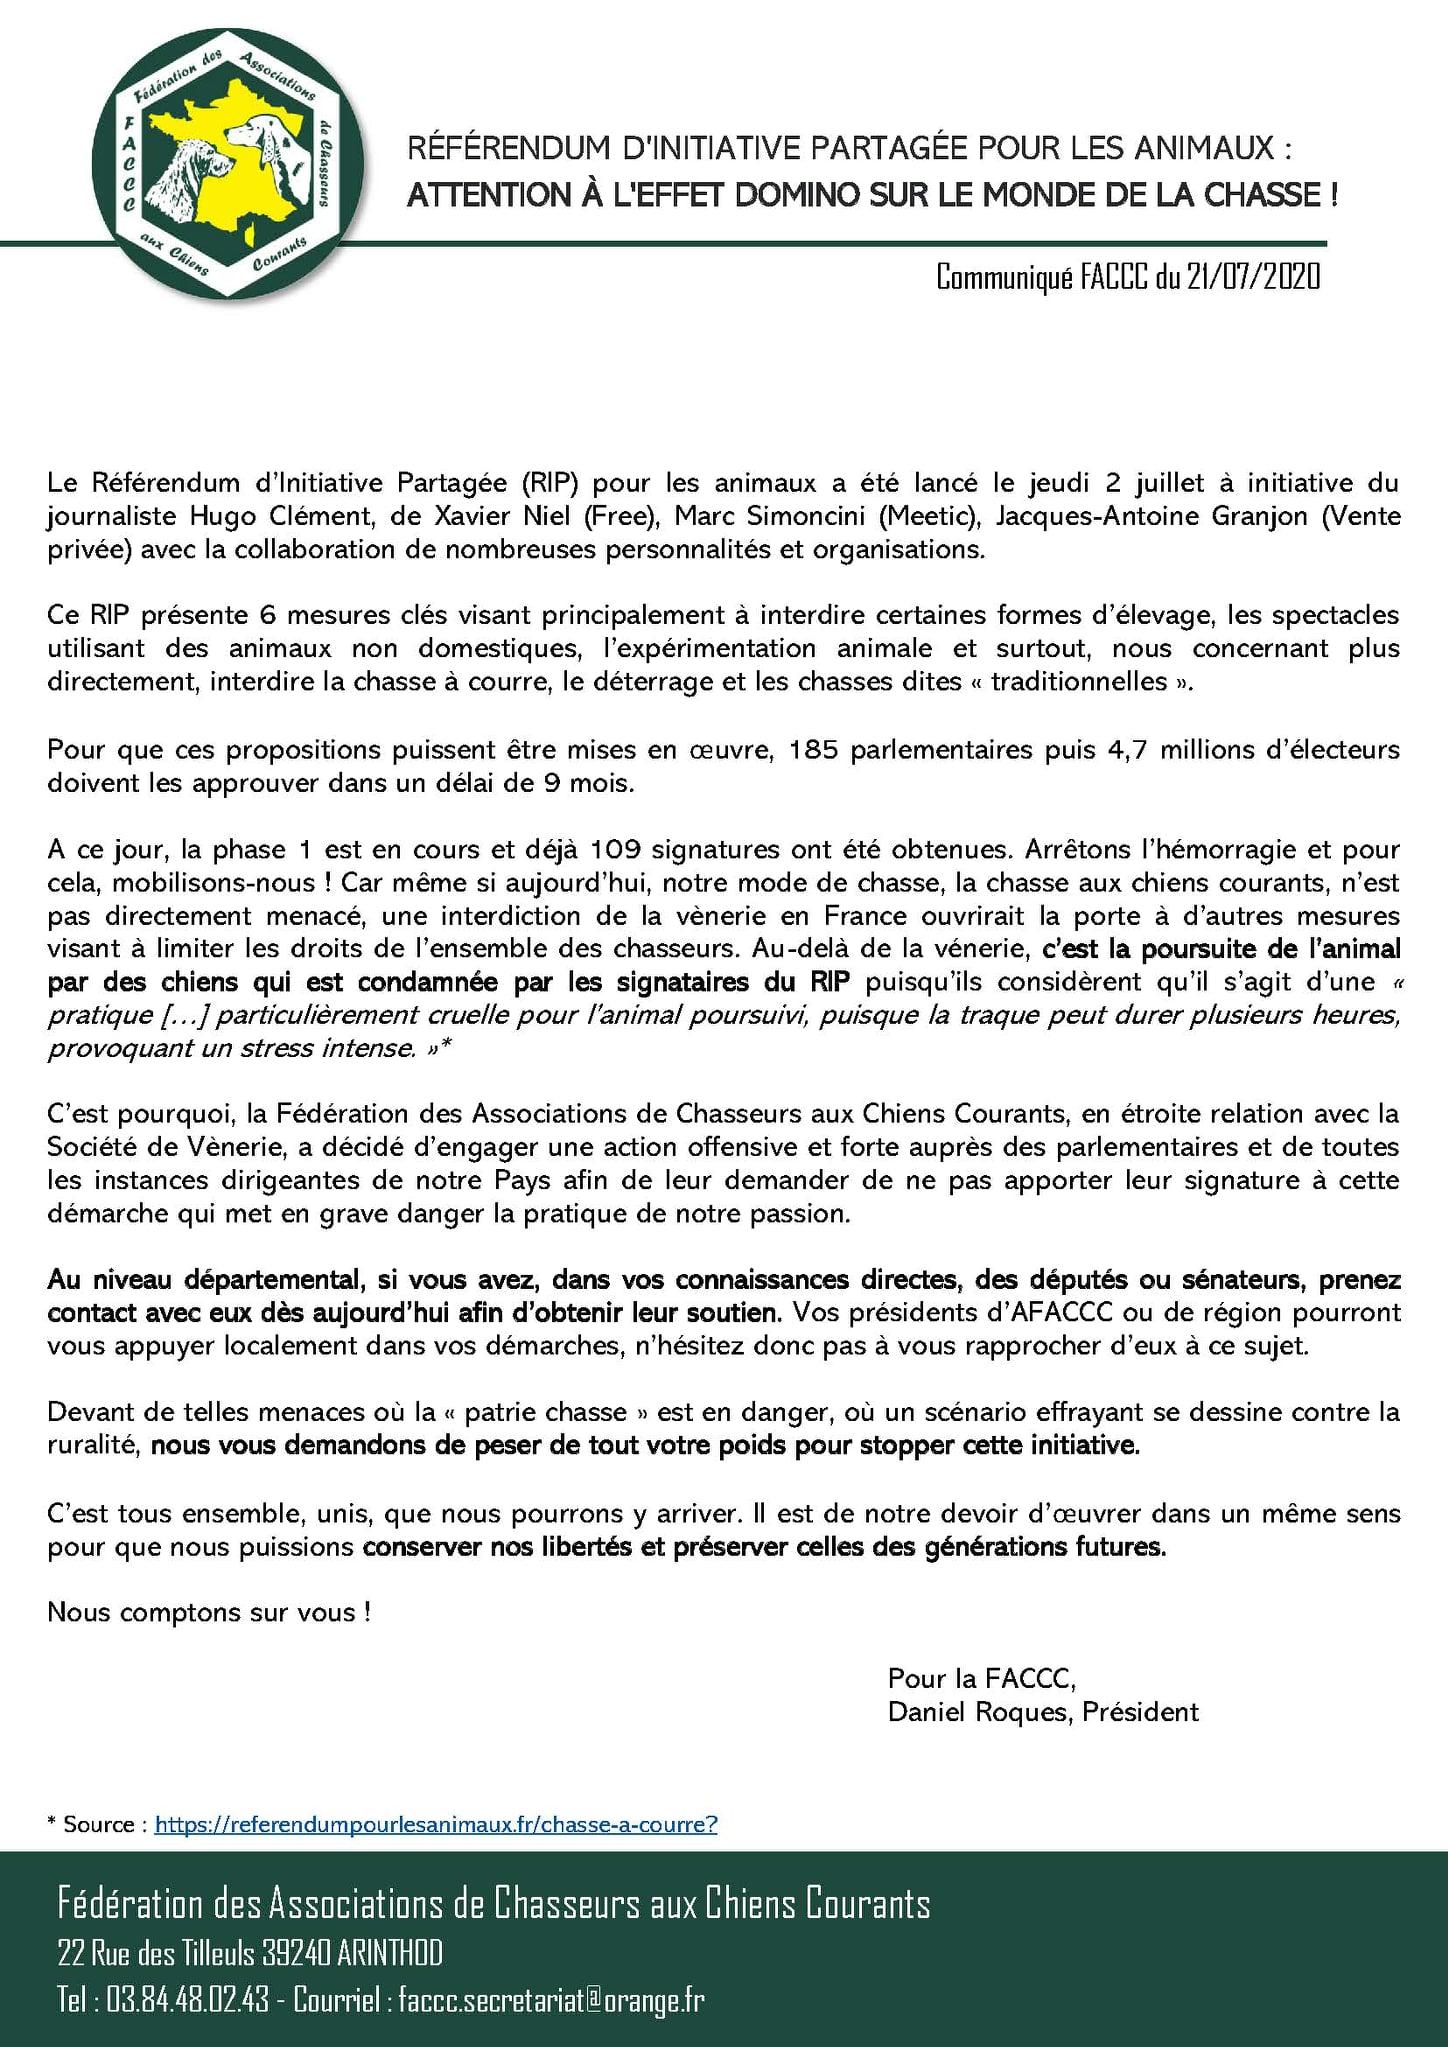 https://www.faccc.fr/im/actu/110202761-3693912120625603-2723680840828539132-o.jpg